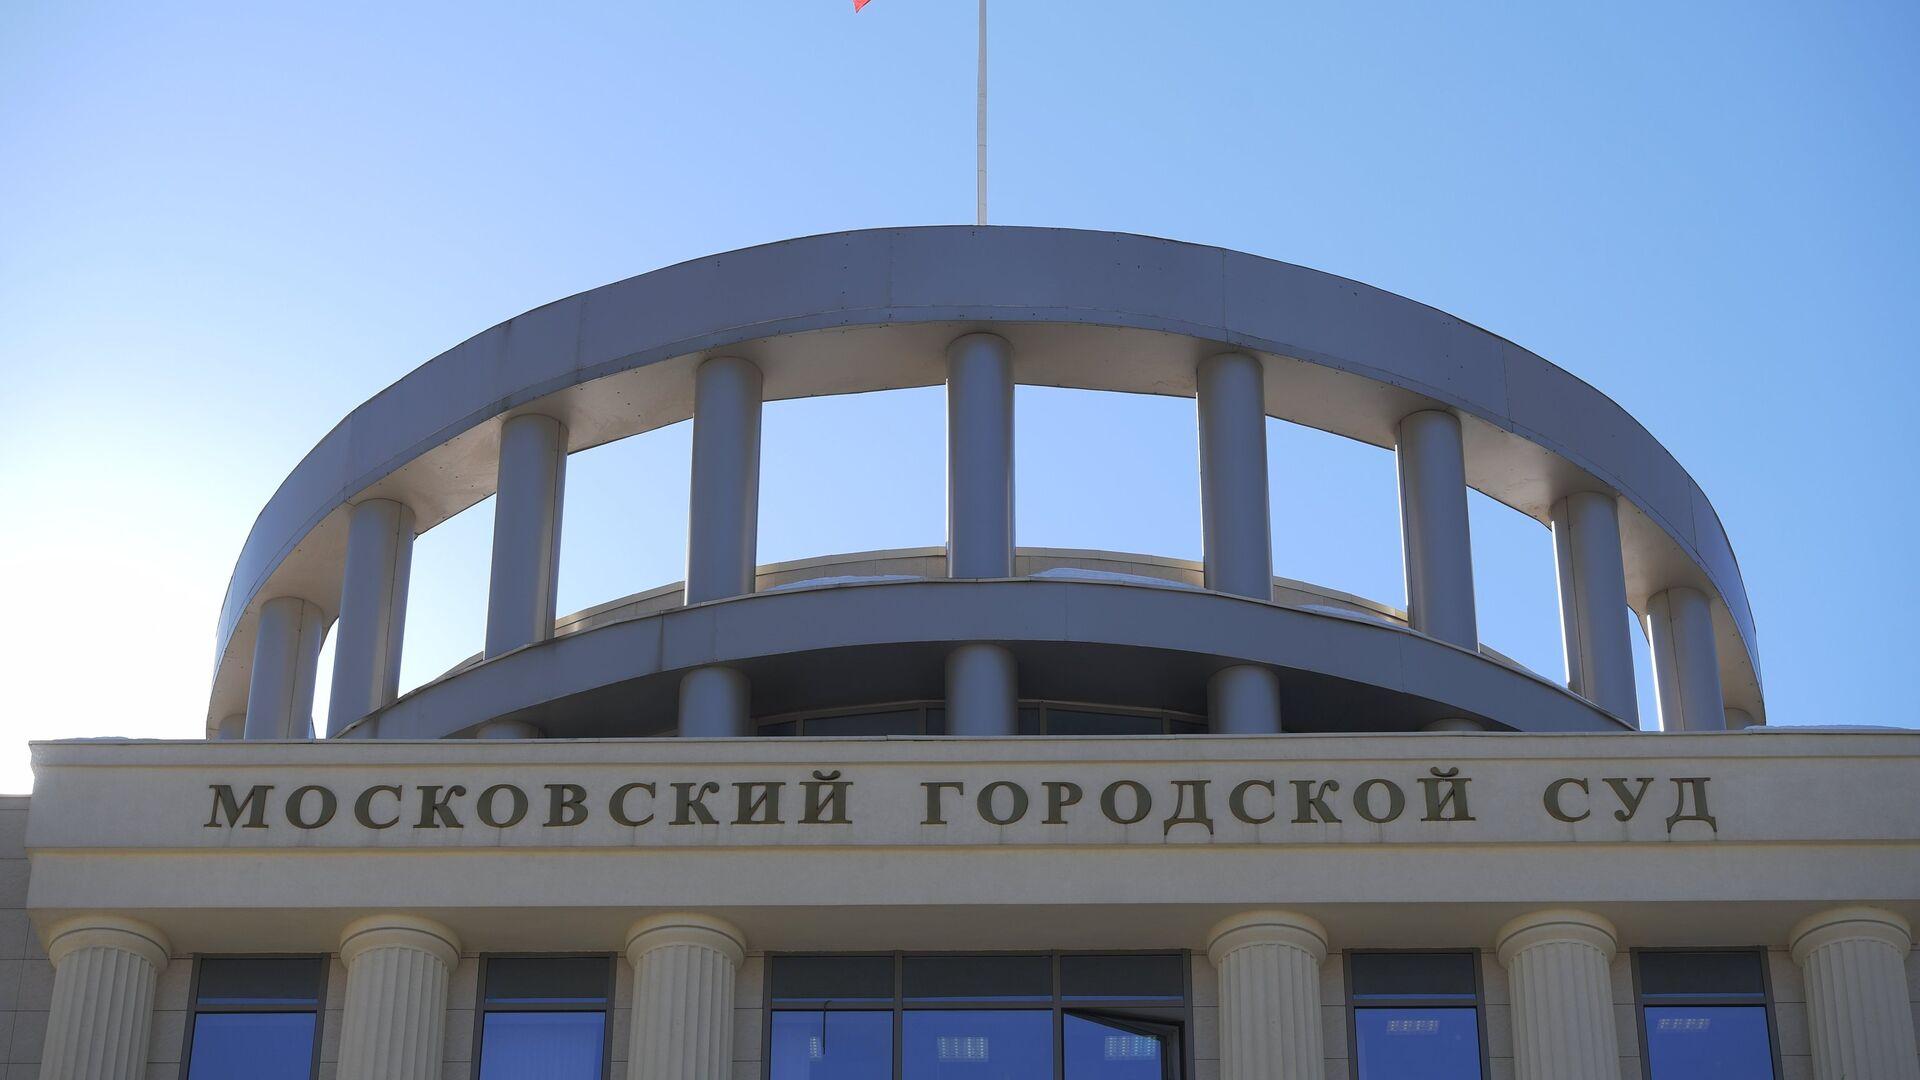 Здание Московского городского суда - РИА Новости, 1920, 05.03.2021